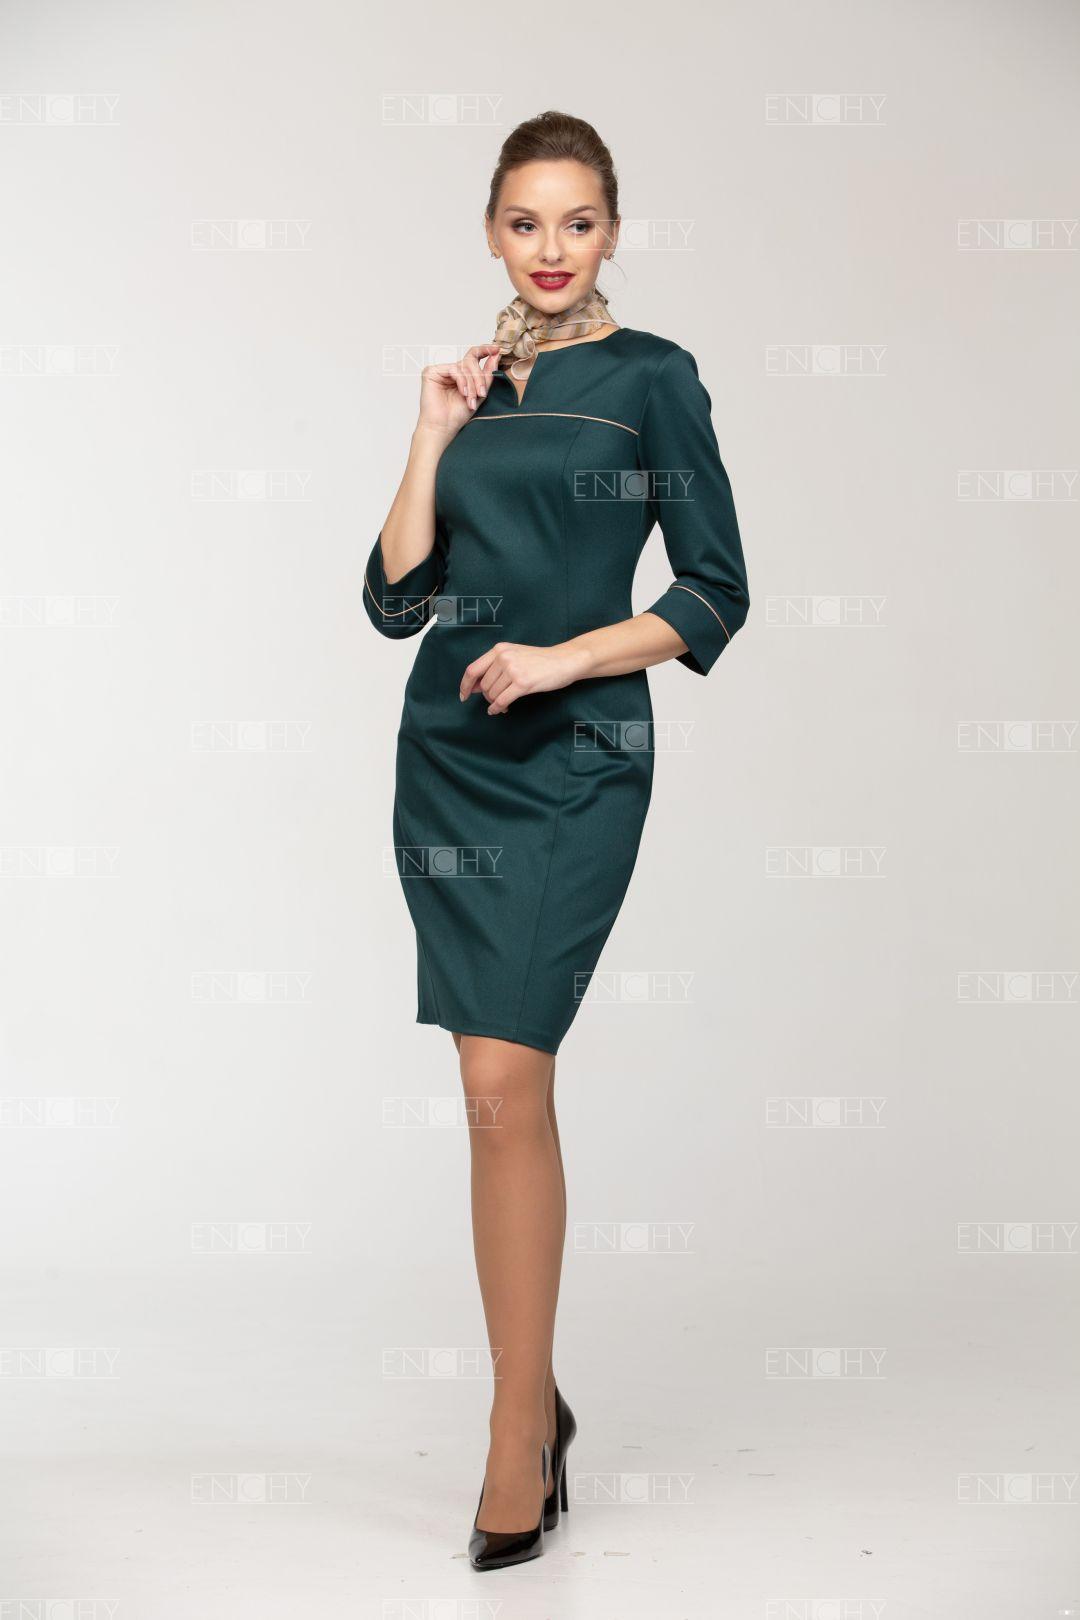 Работа модели в платьях юлия баранова фото